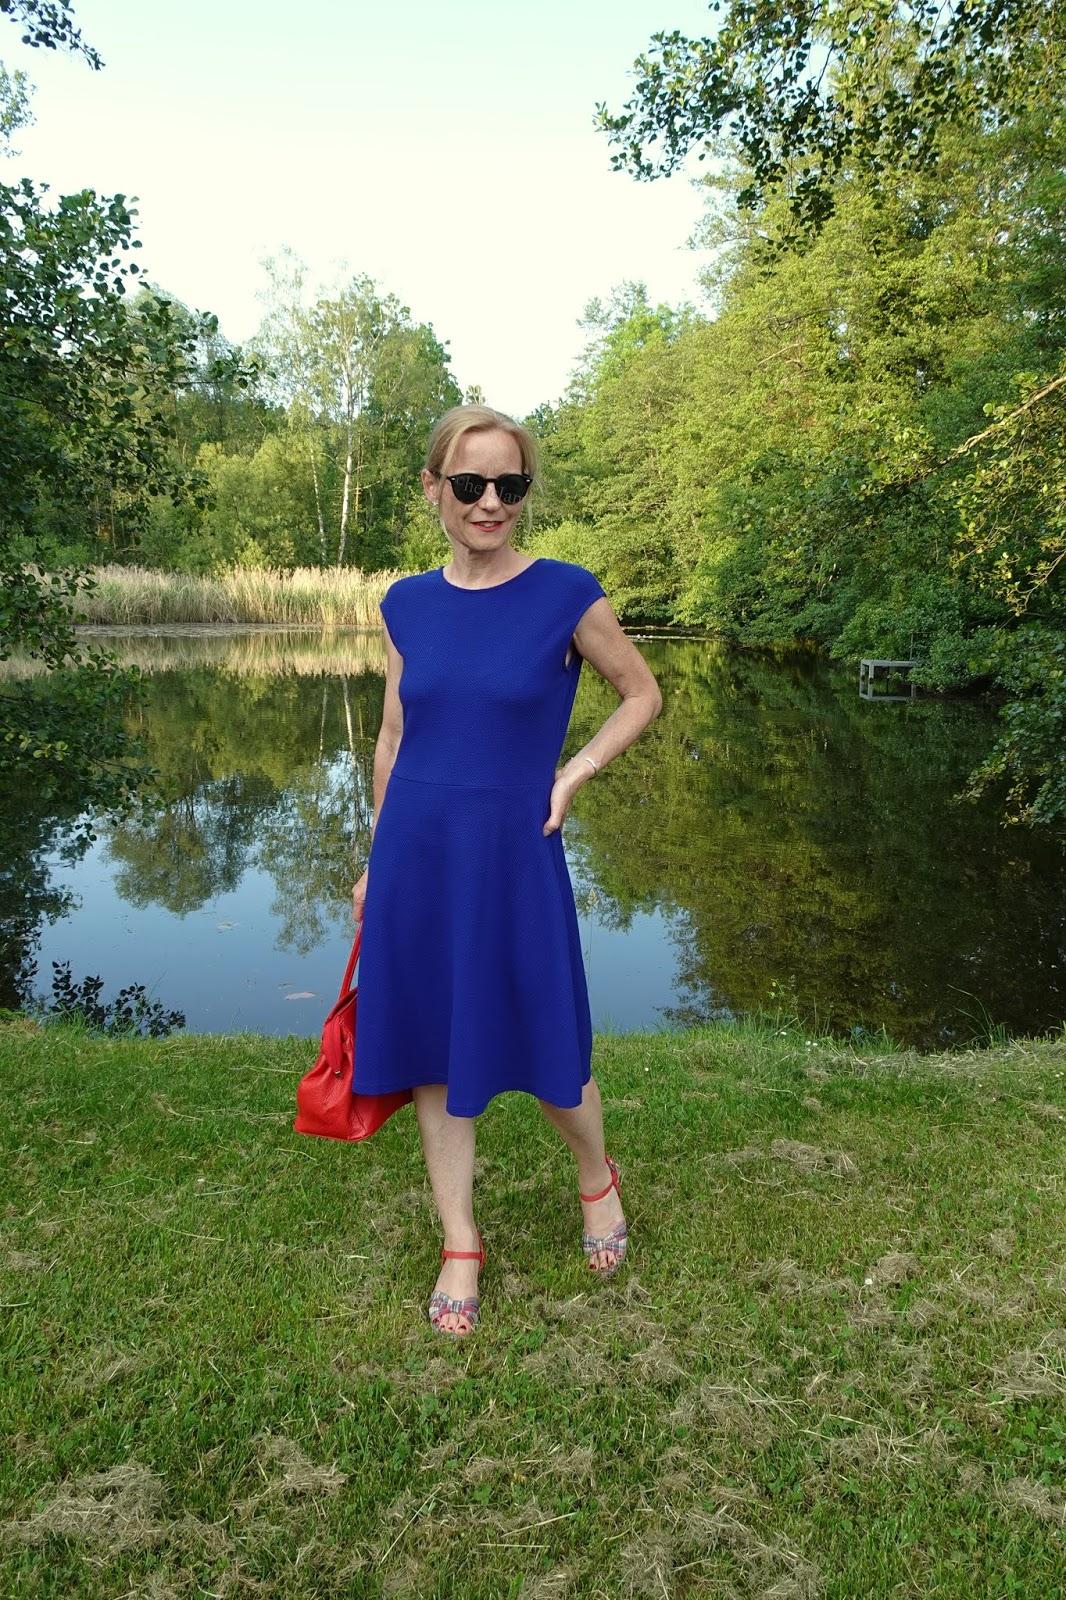 summerstyle: kleid in royalblau zur roten tasche